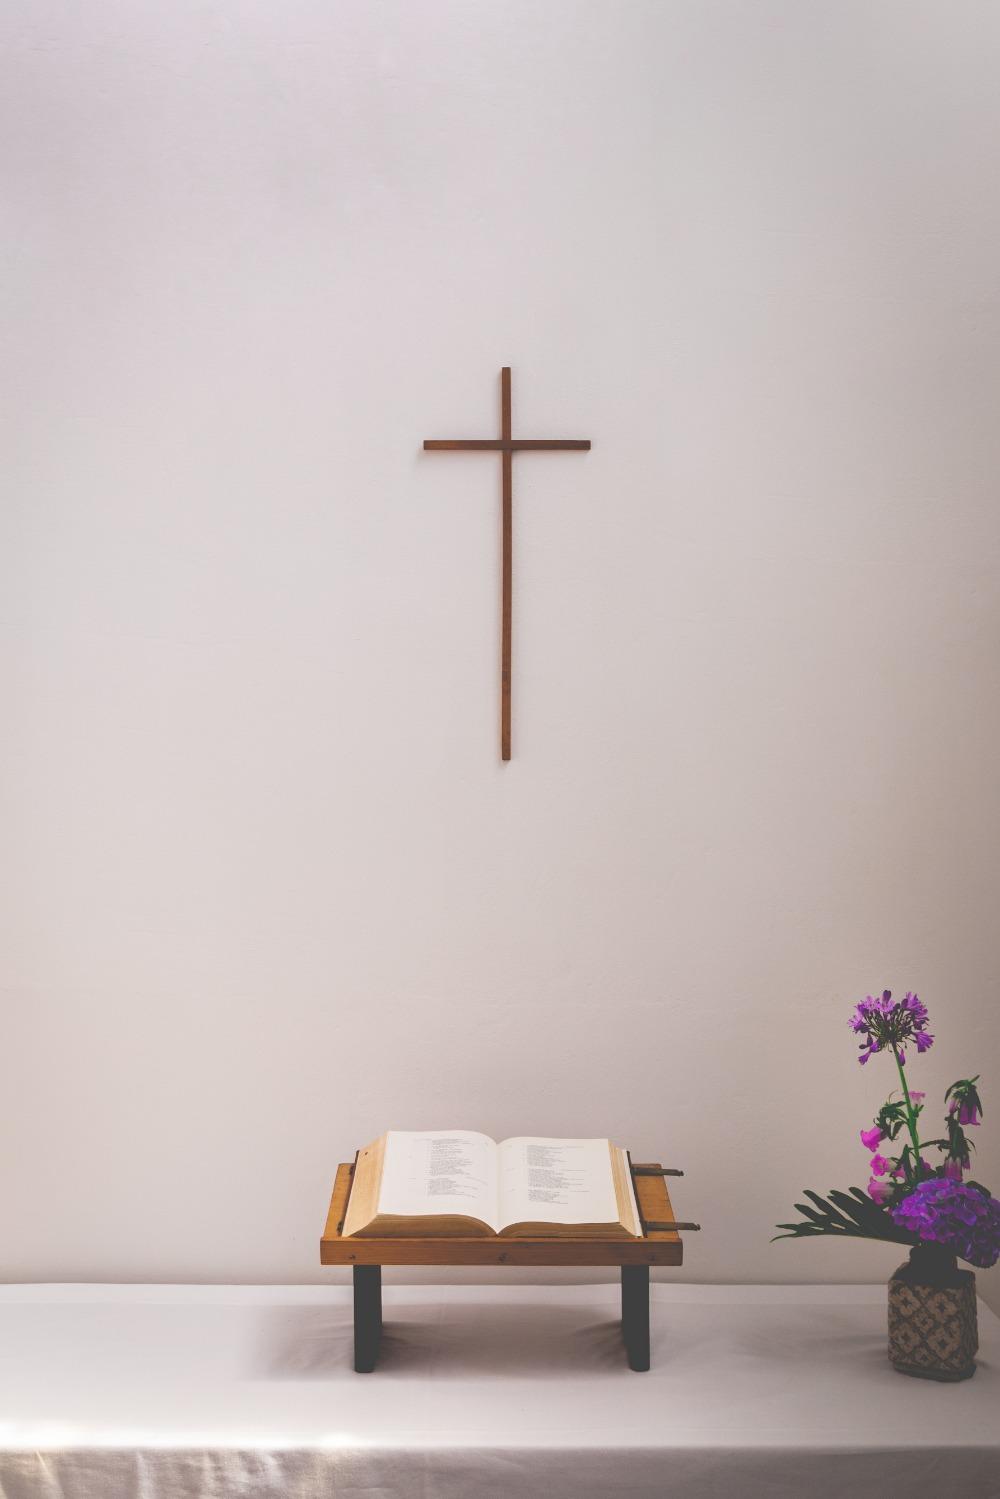 遺屬請求喪葬費用、殯葬費用賠償的金額是多少?